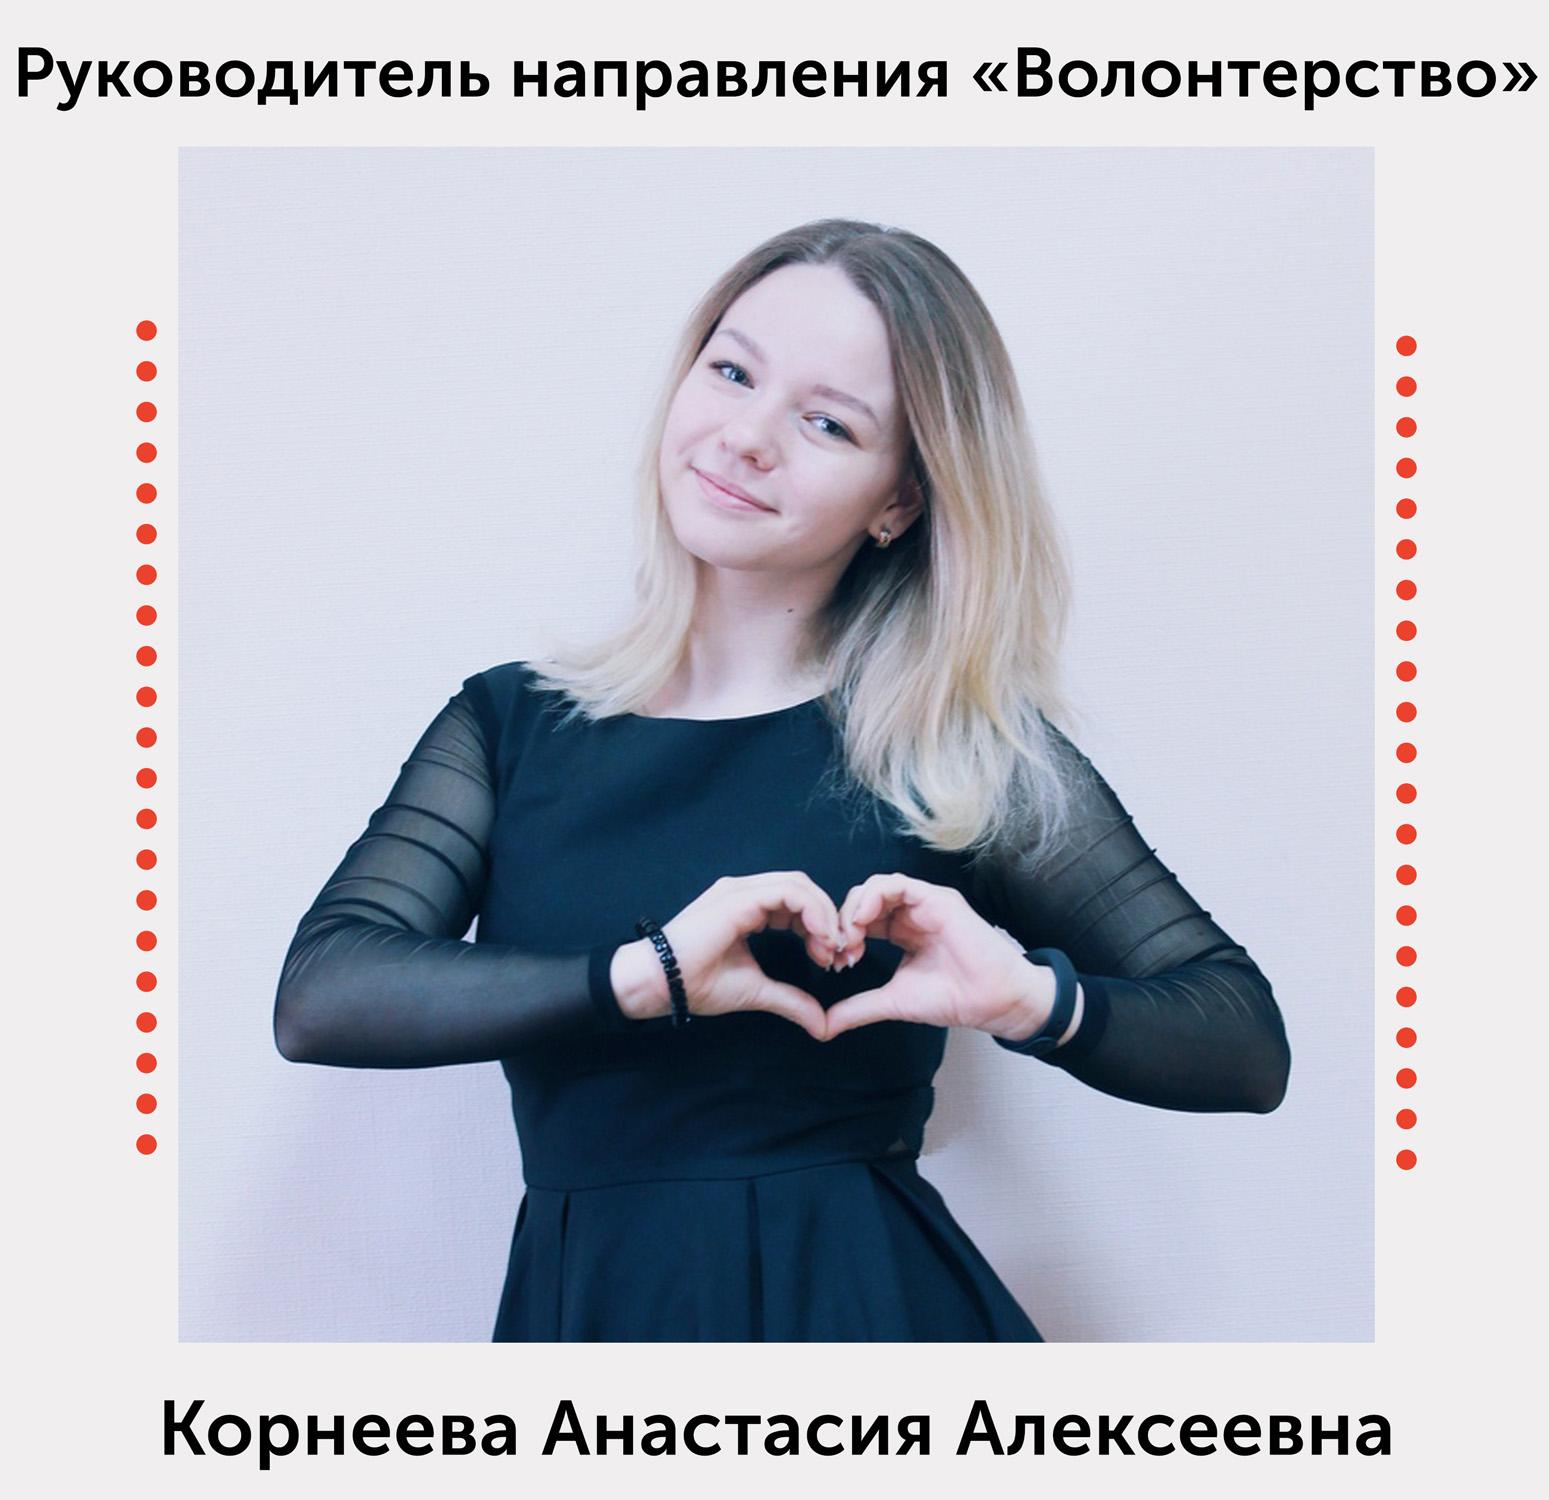 Корнеева Анастасия Алексеевна